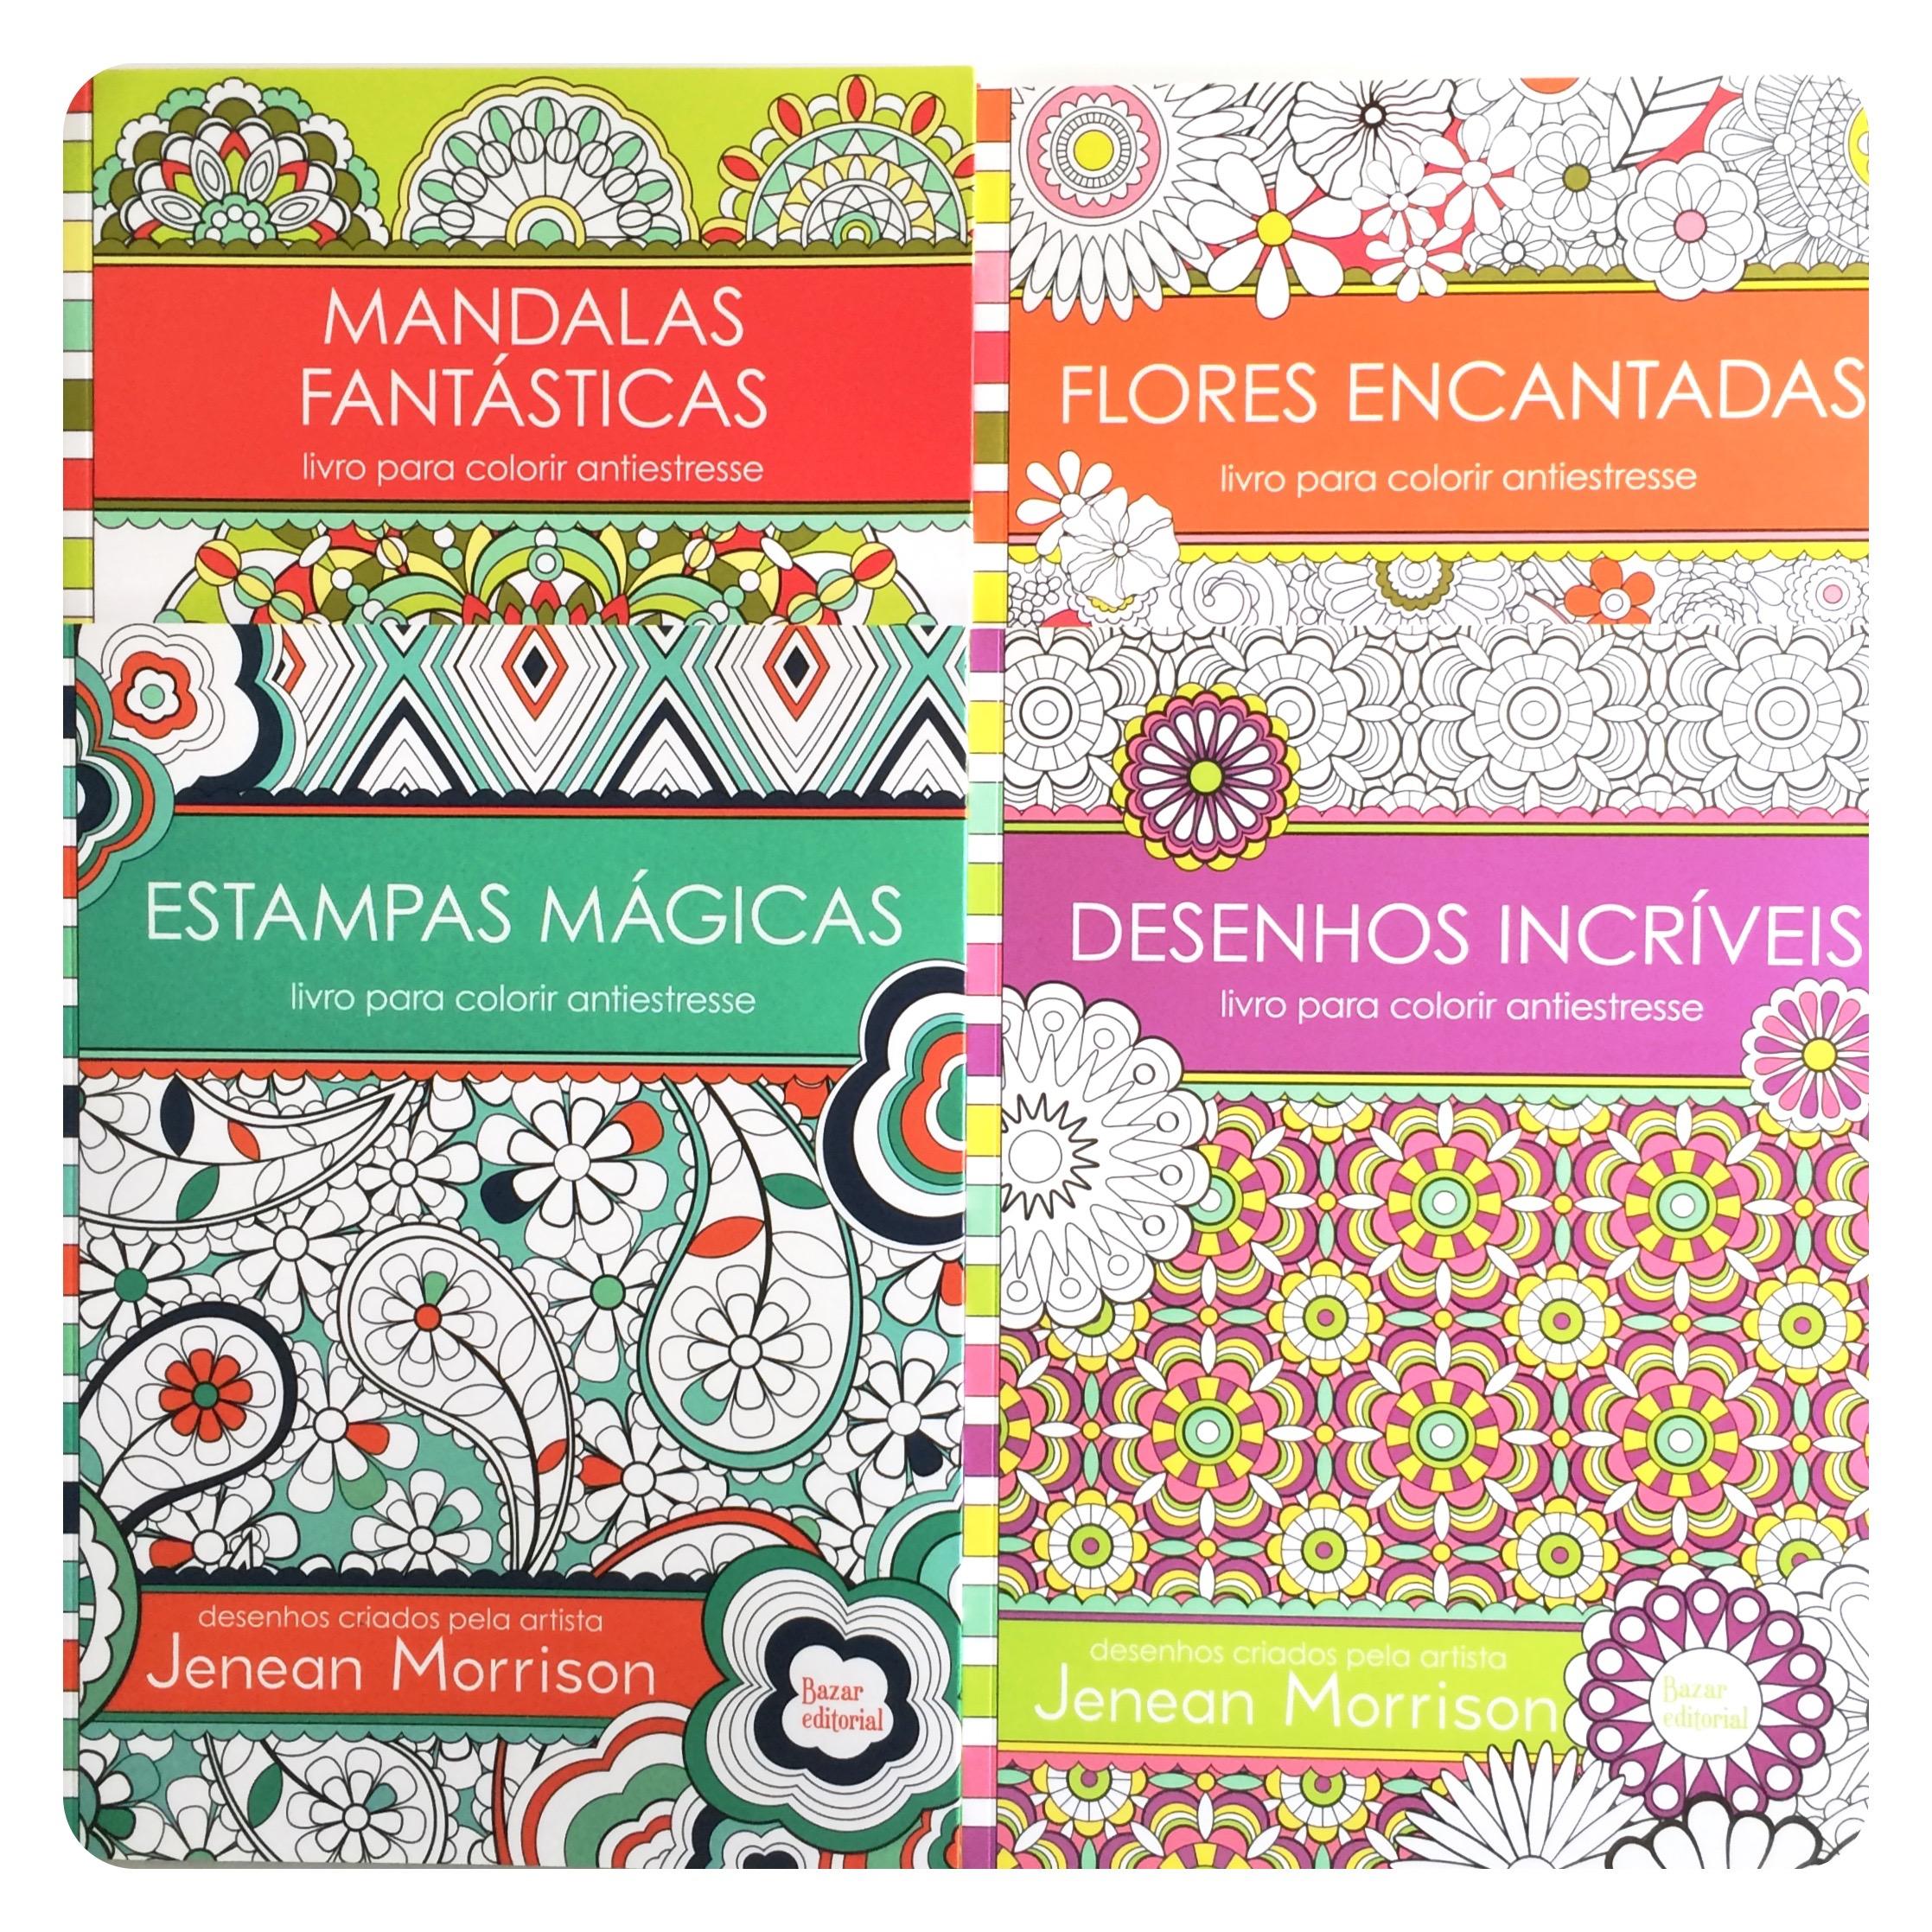 Jenean Morrison Coloring Books by Edipro, Brazil